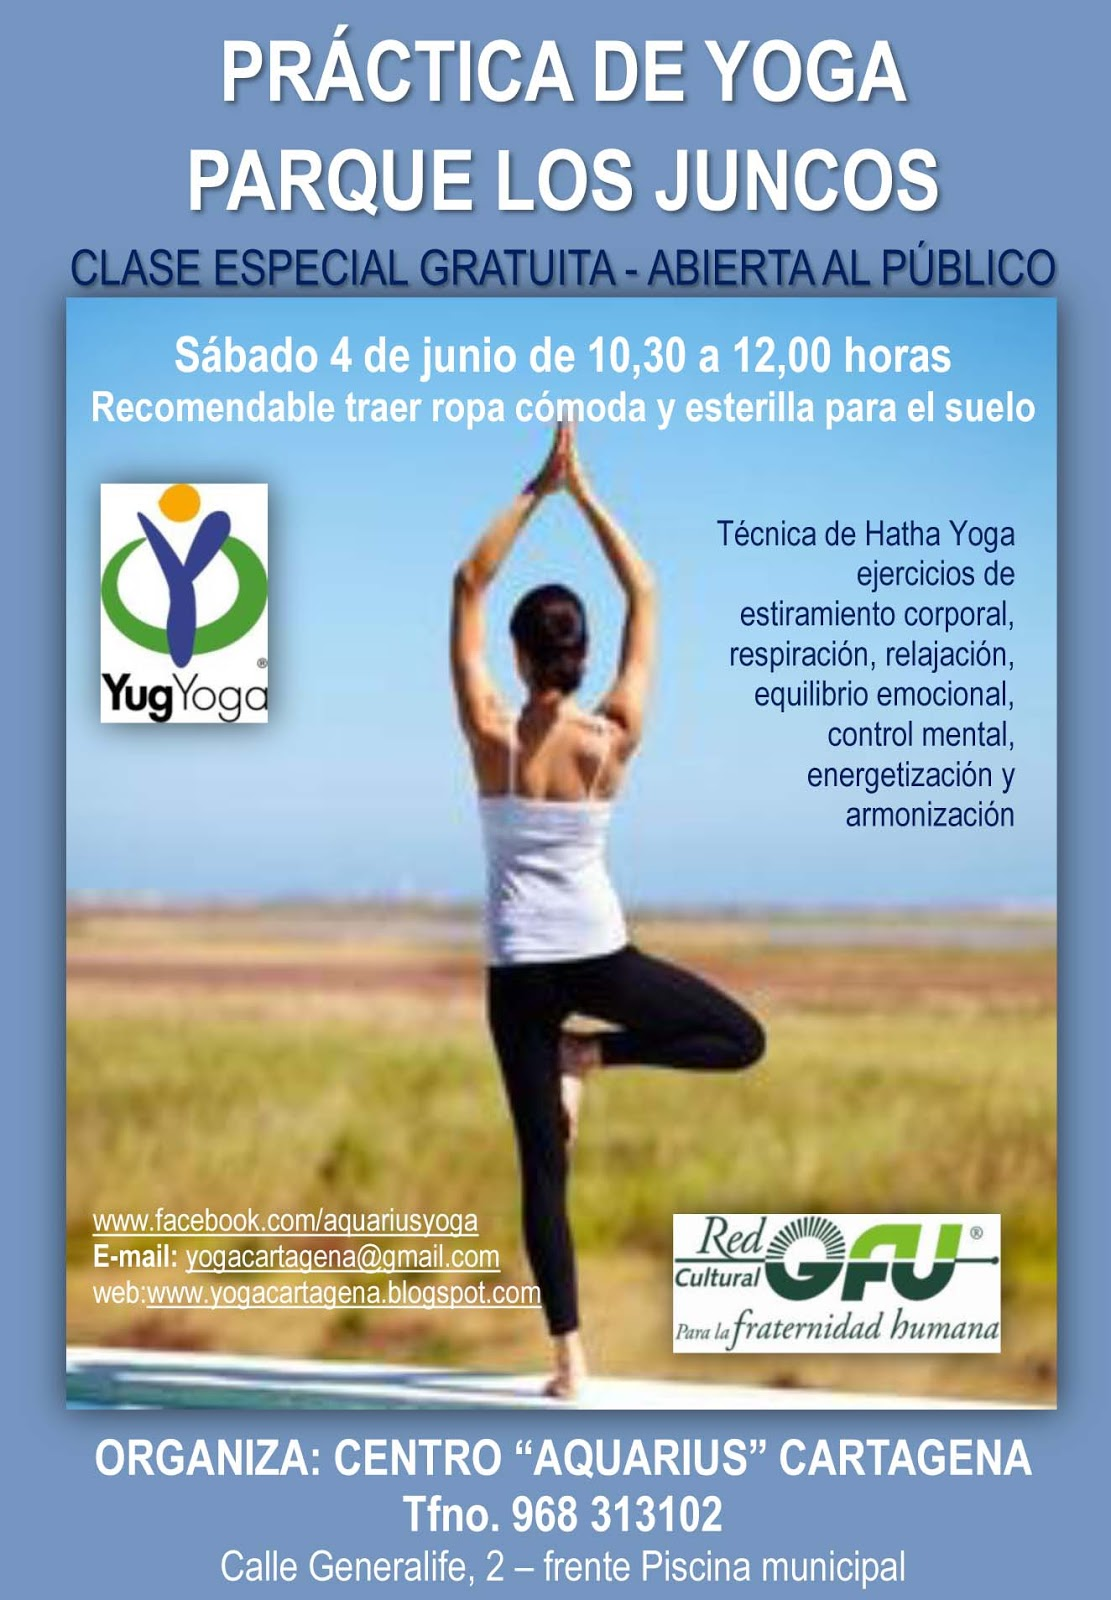 Clase al aire libre y gratuita! El próximo sábado 4 de Junio a las 10 30 en  el Parque de los Juncos en Cartagena cb6593ca1cd2